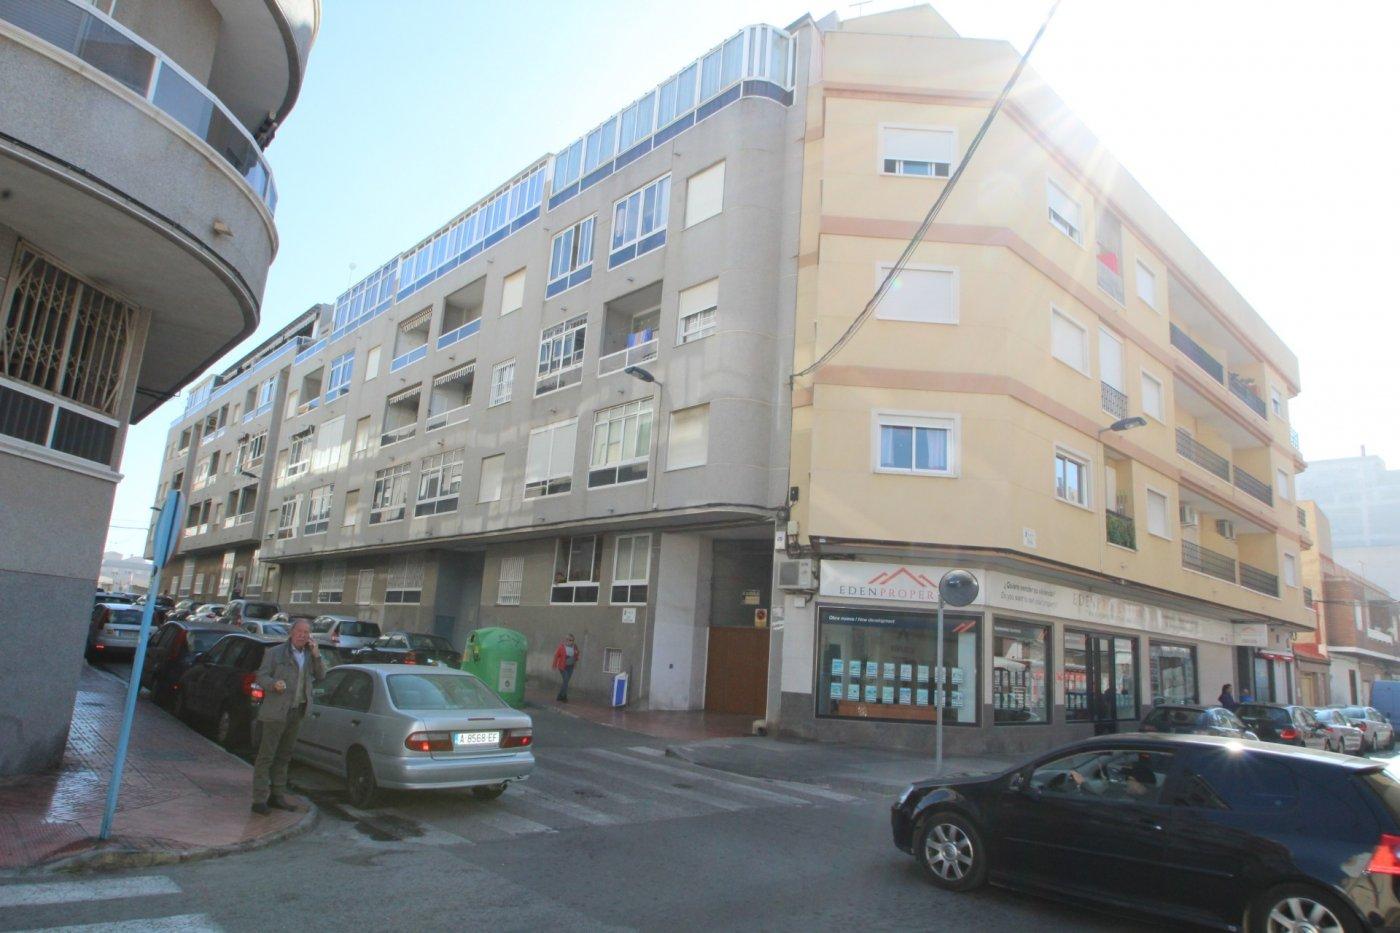 Apartment for sale in Estacion de autobuses, Torrevieja